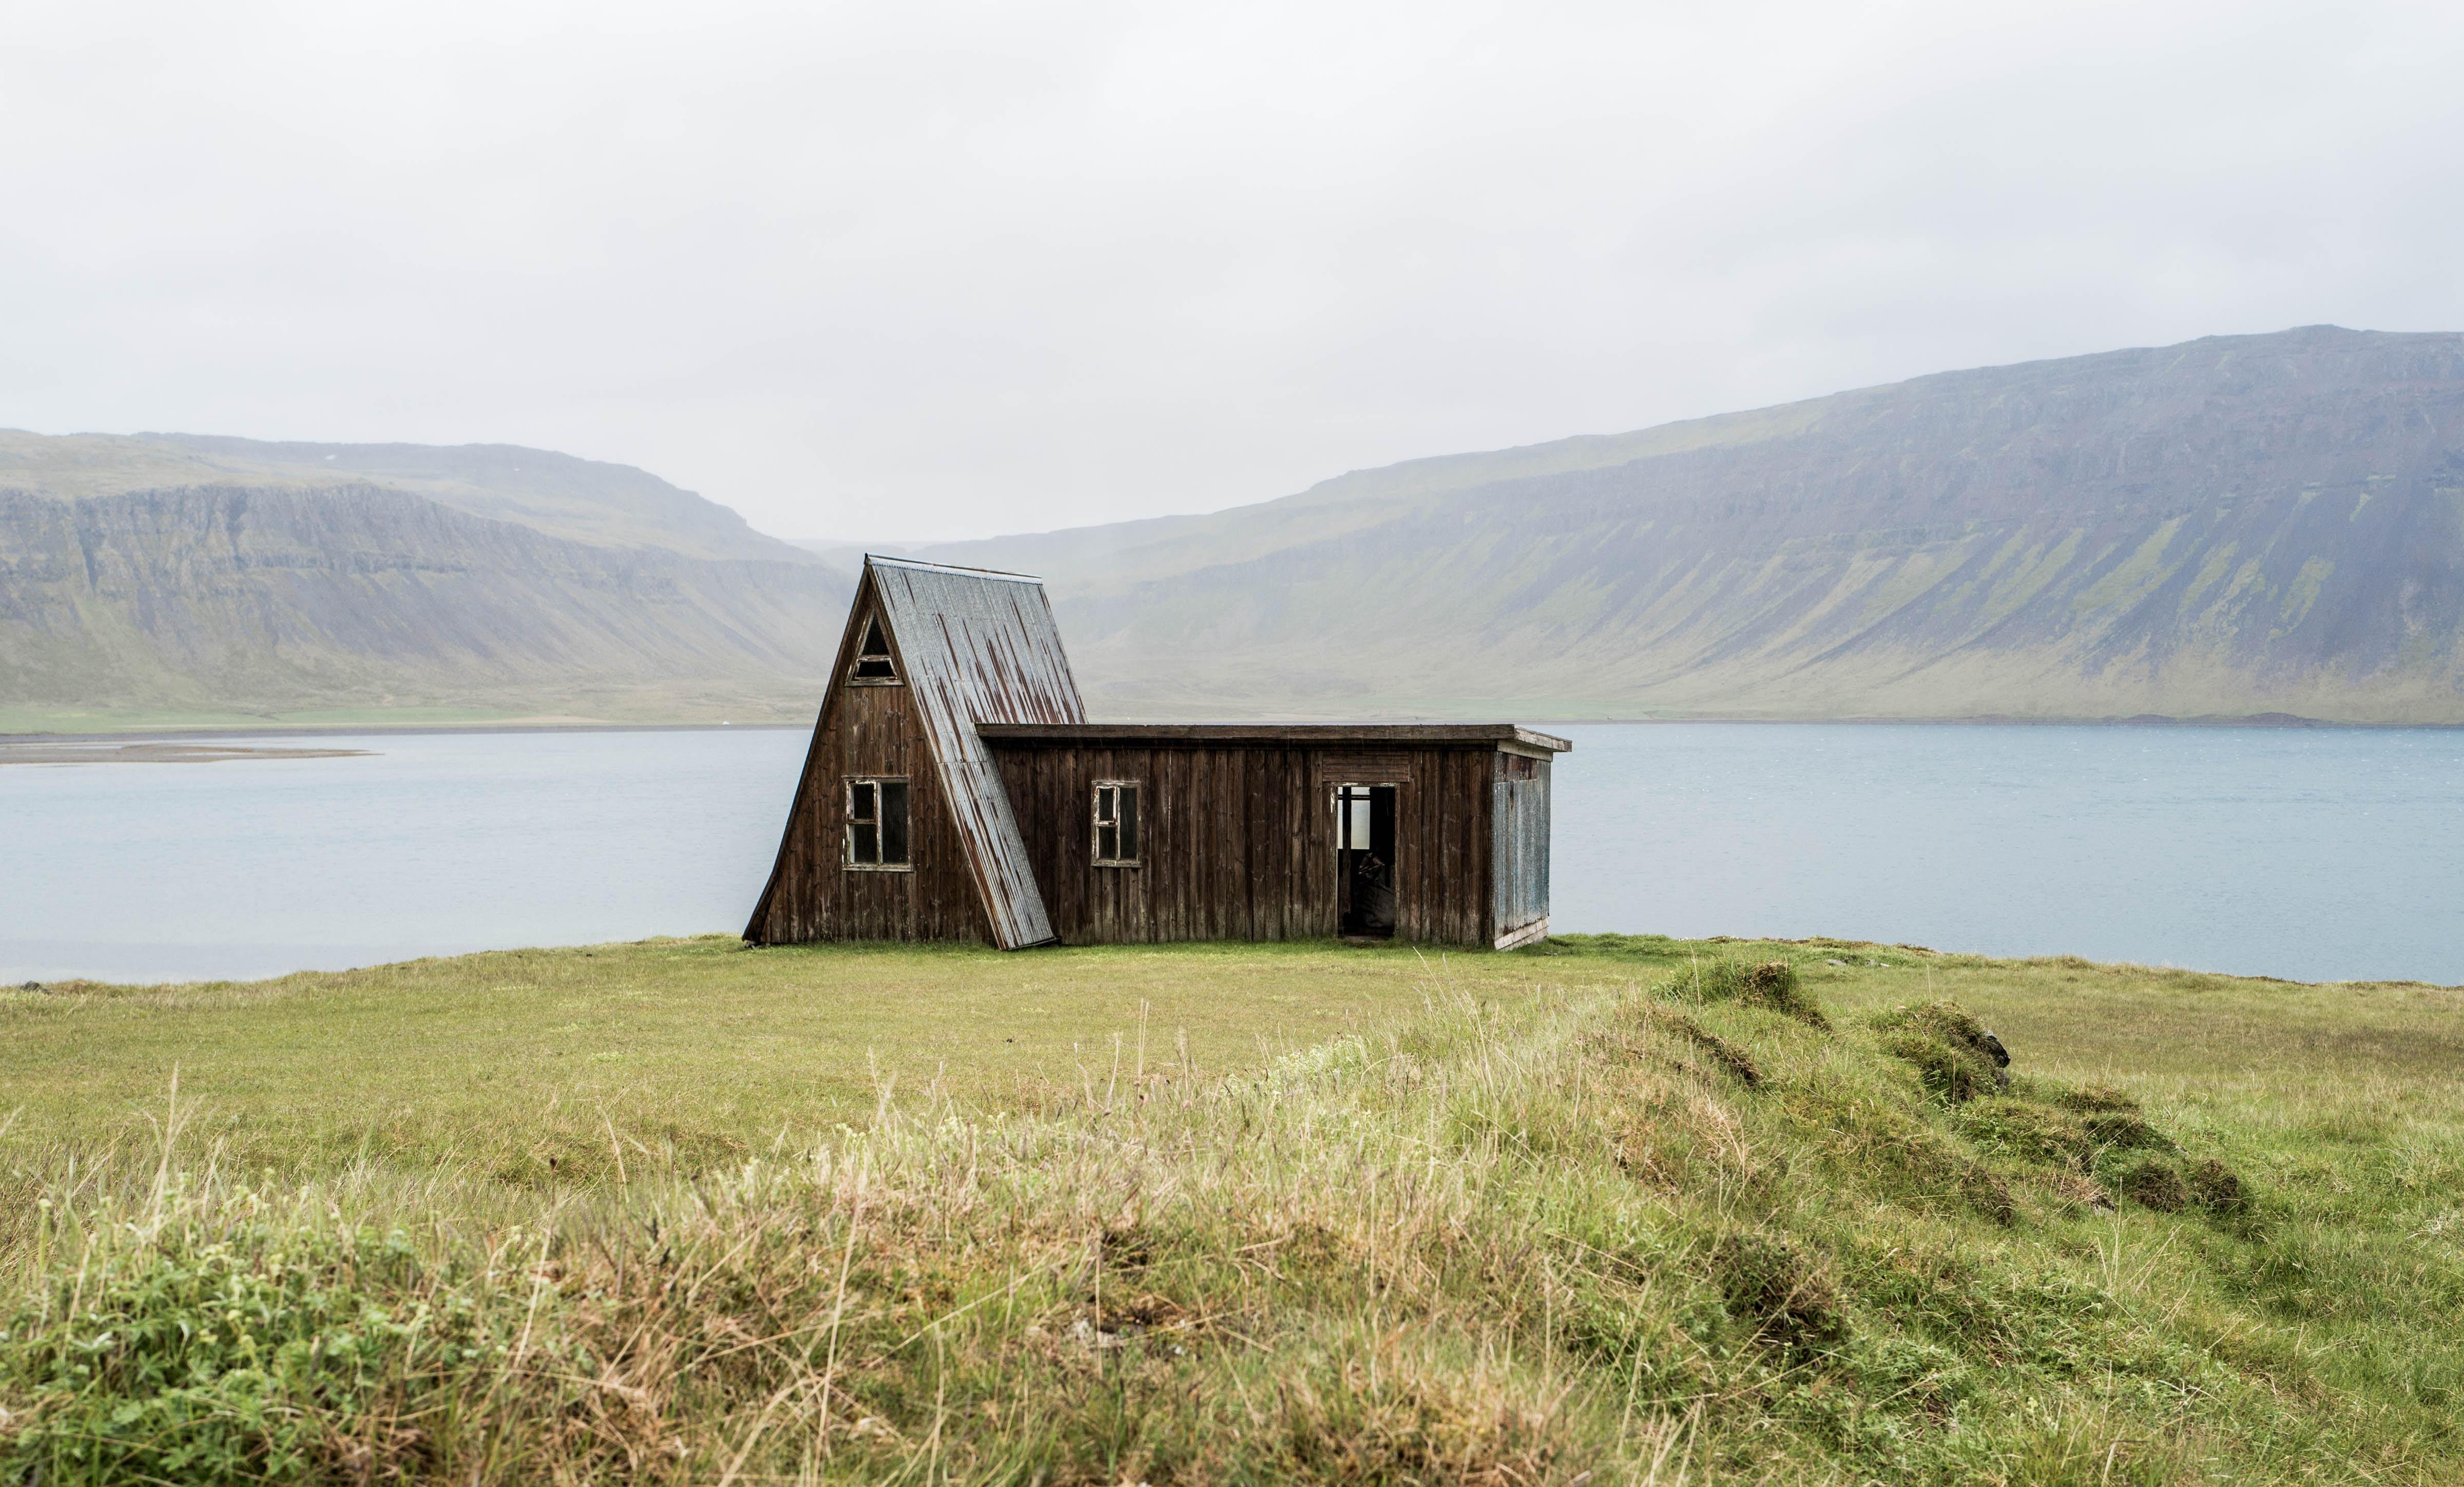 paysage herbe montagne prairie maison colline lac cabane chalet proprit fjord rservoir montagnes image sympa prairie